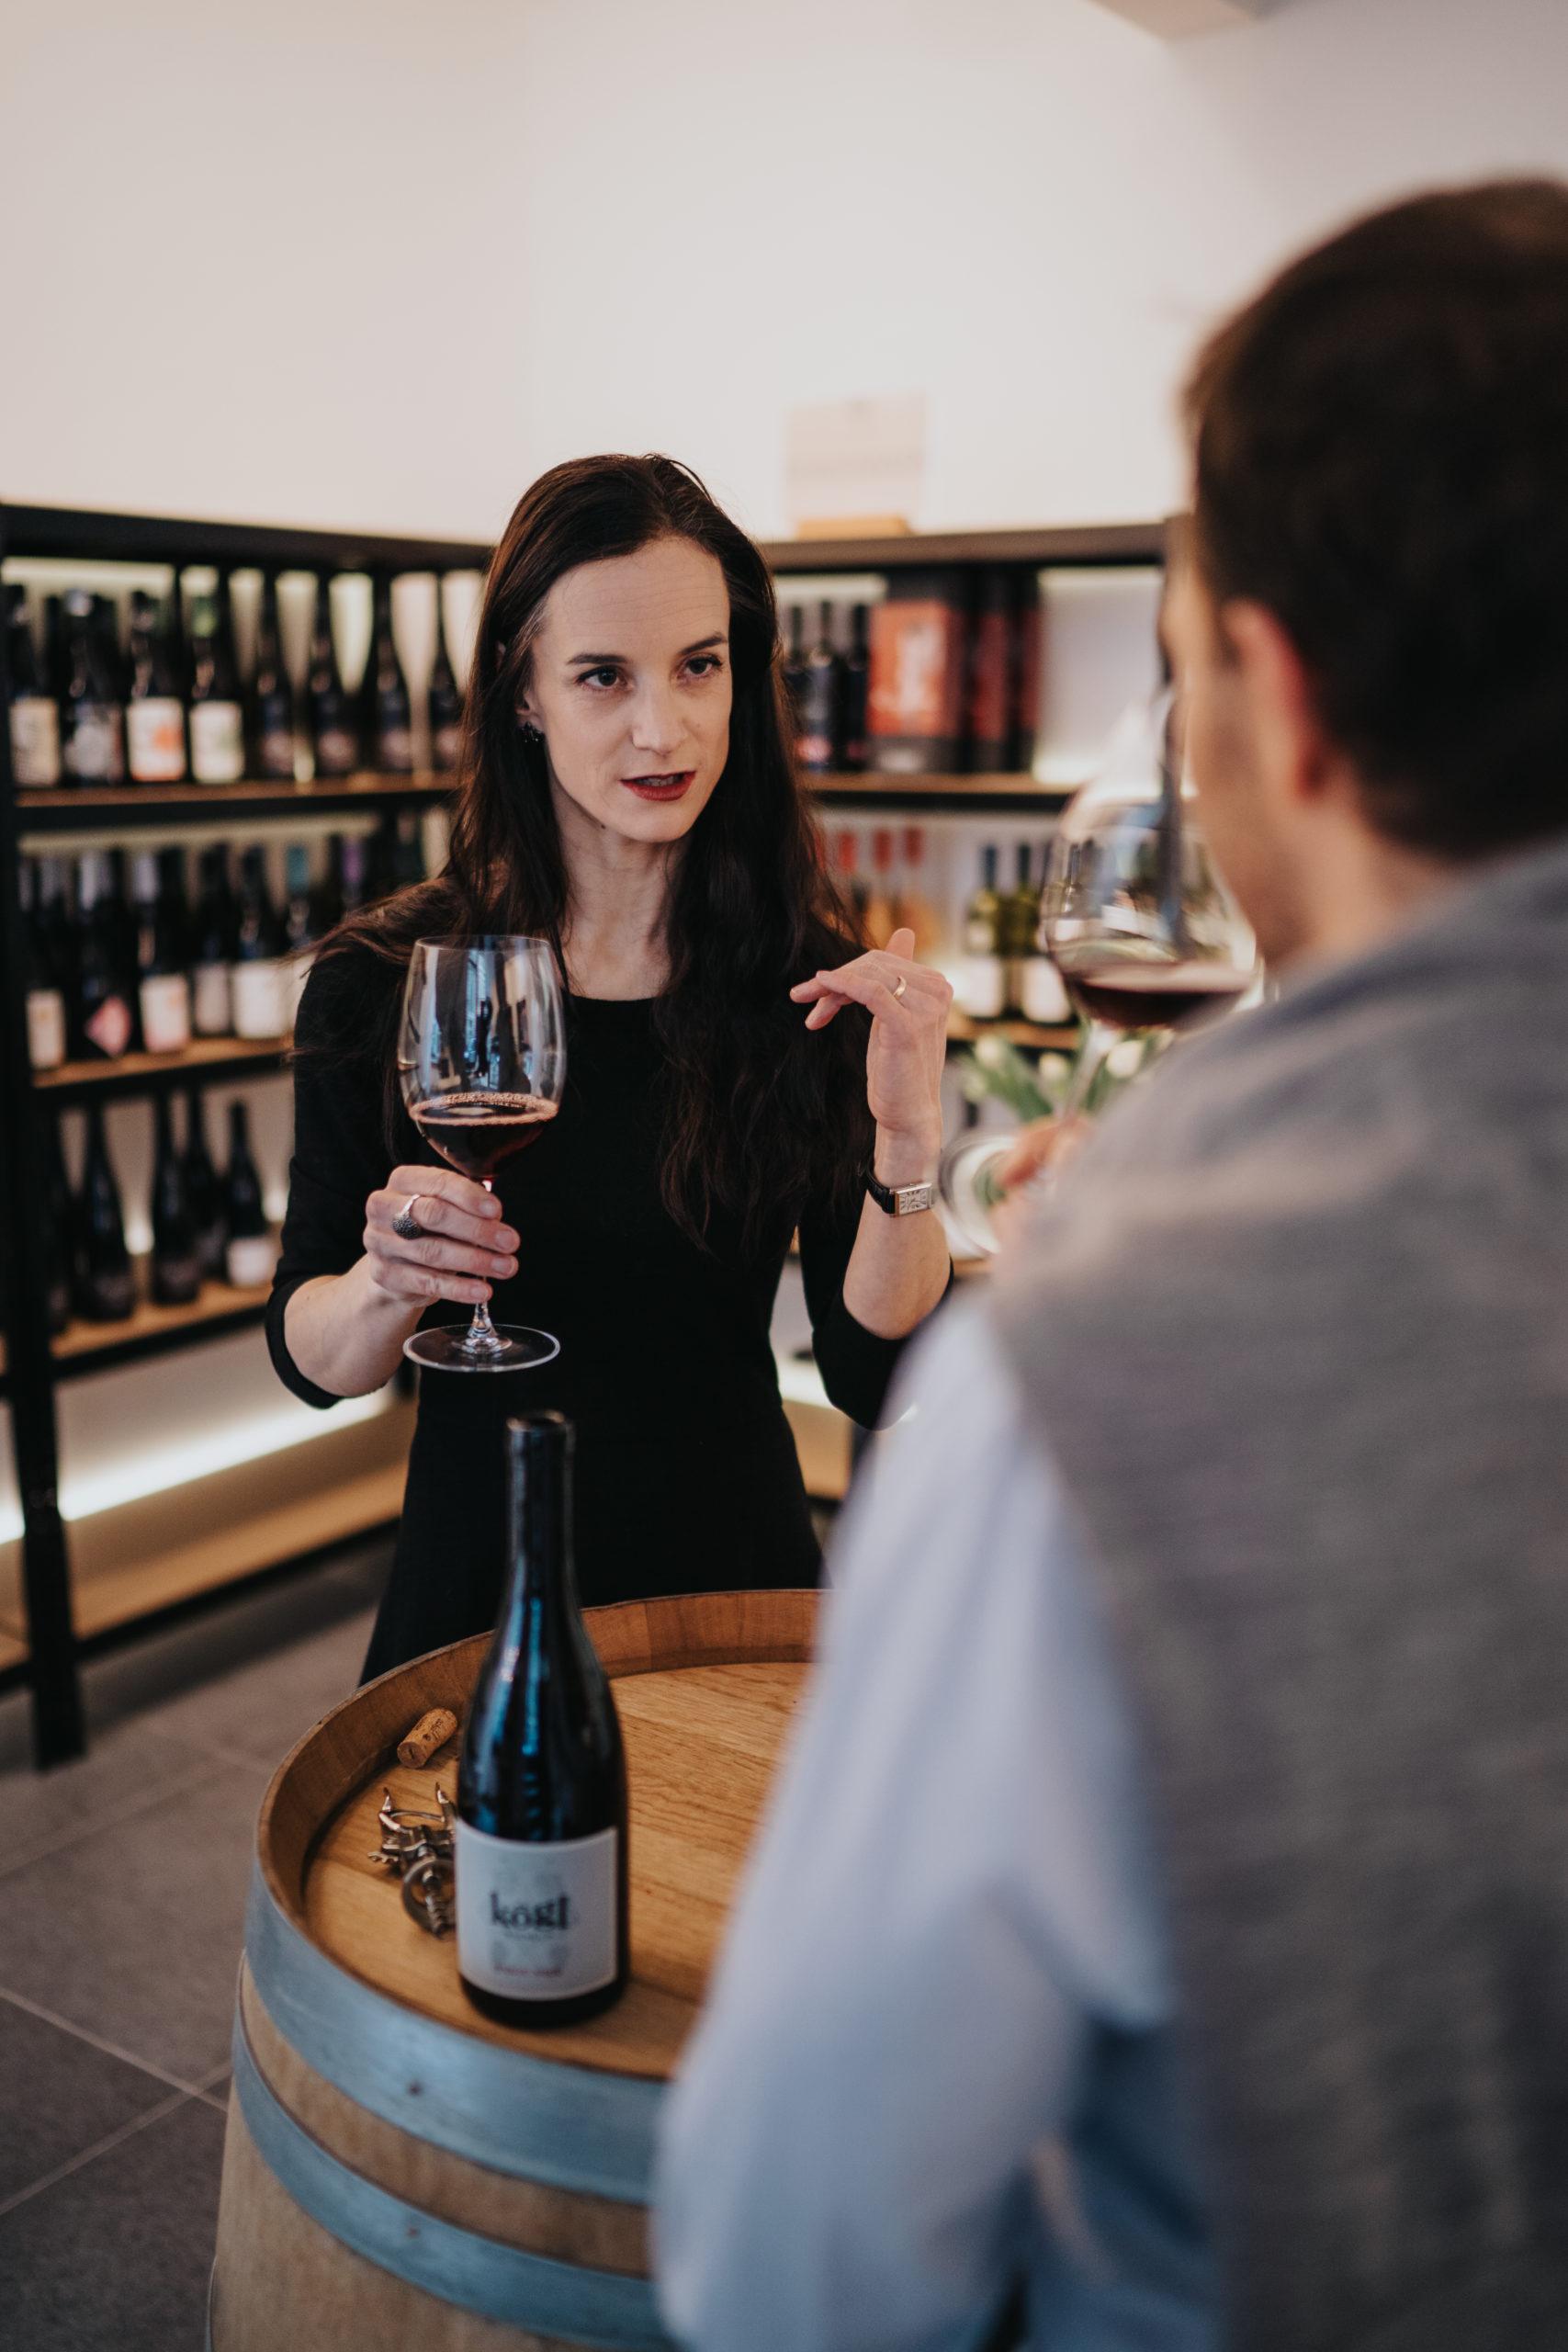 Vinodea | Weinhandlung | Weine von Winzerinnen | Madlaina Sladecek-Doscb